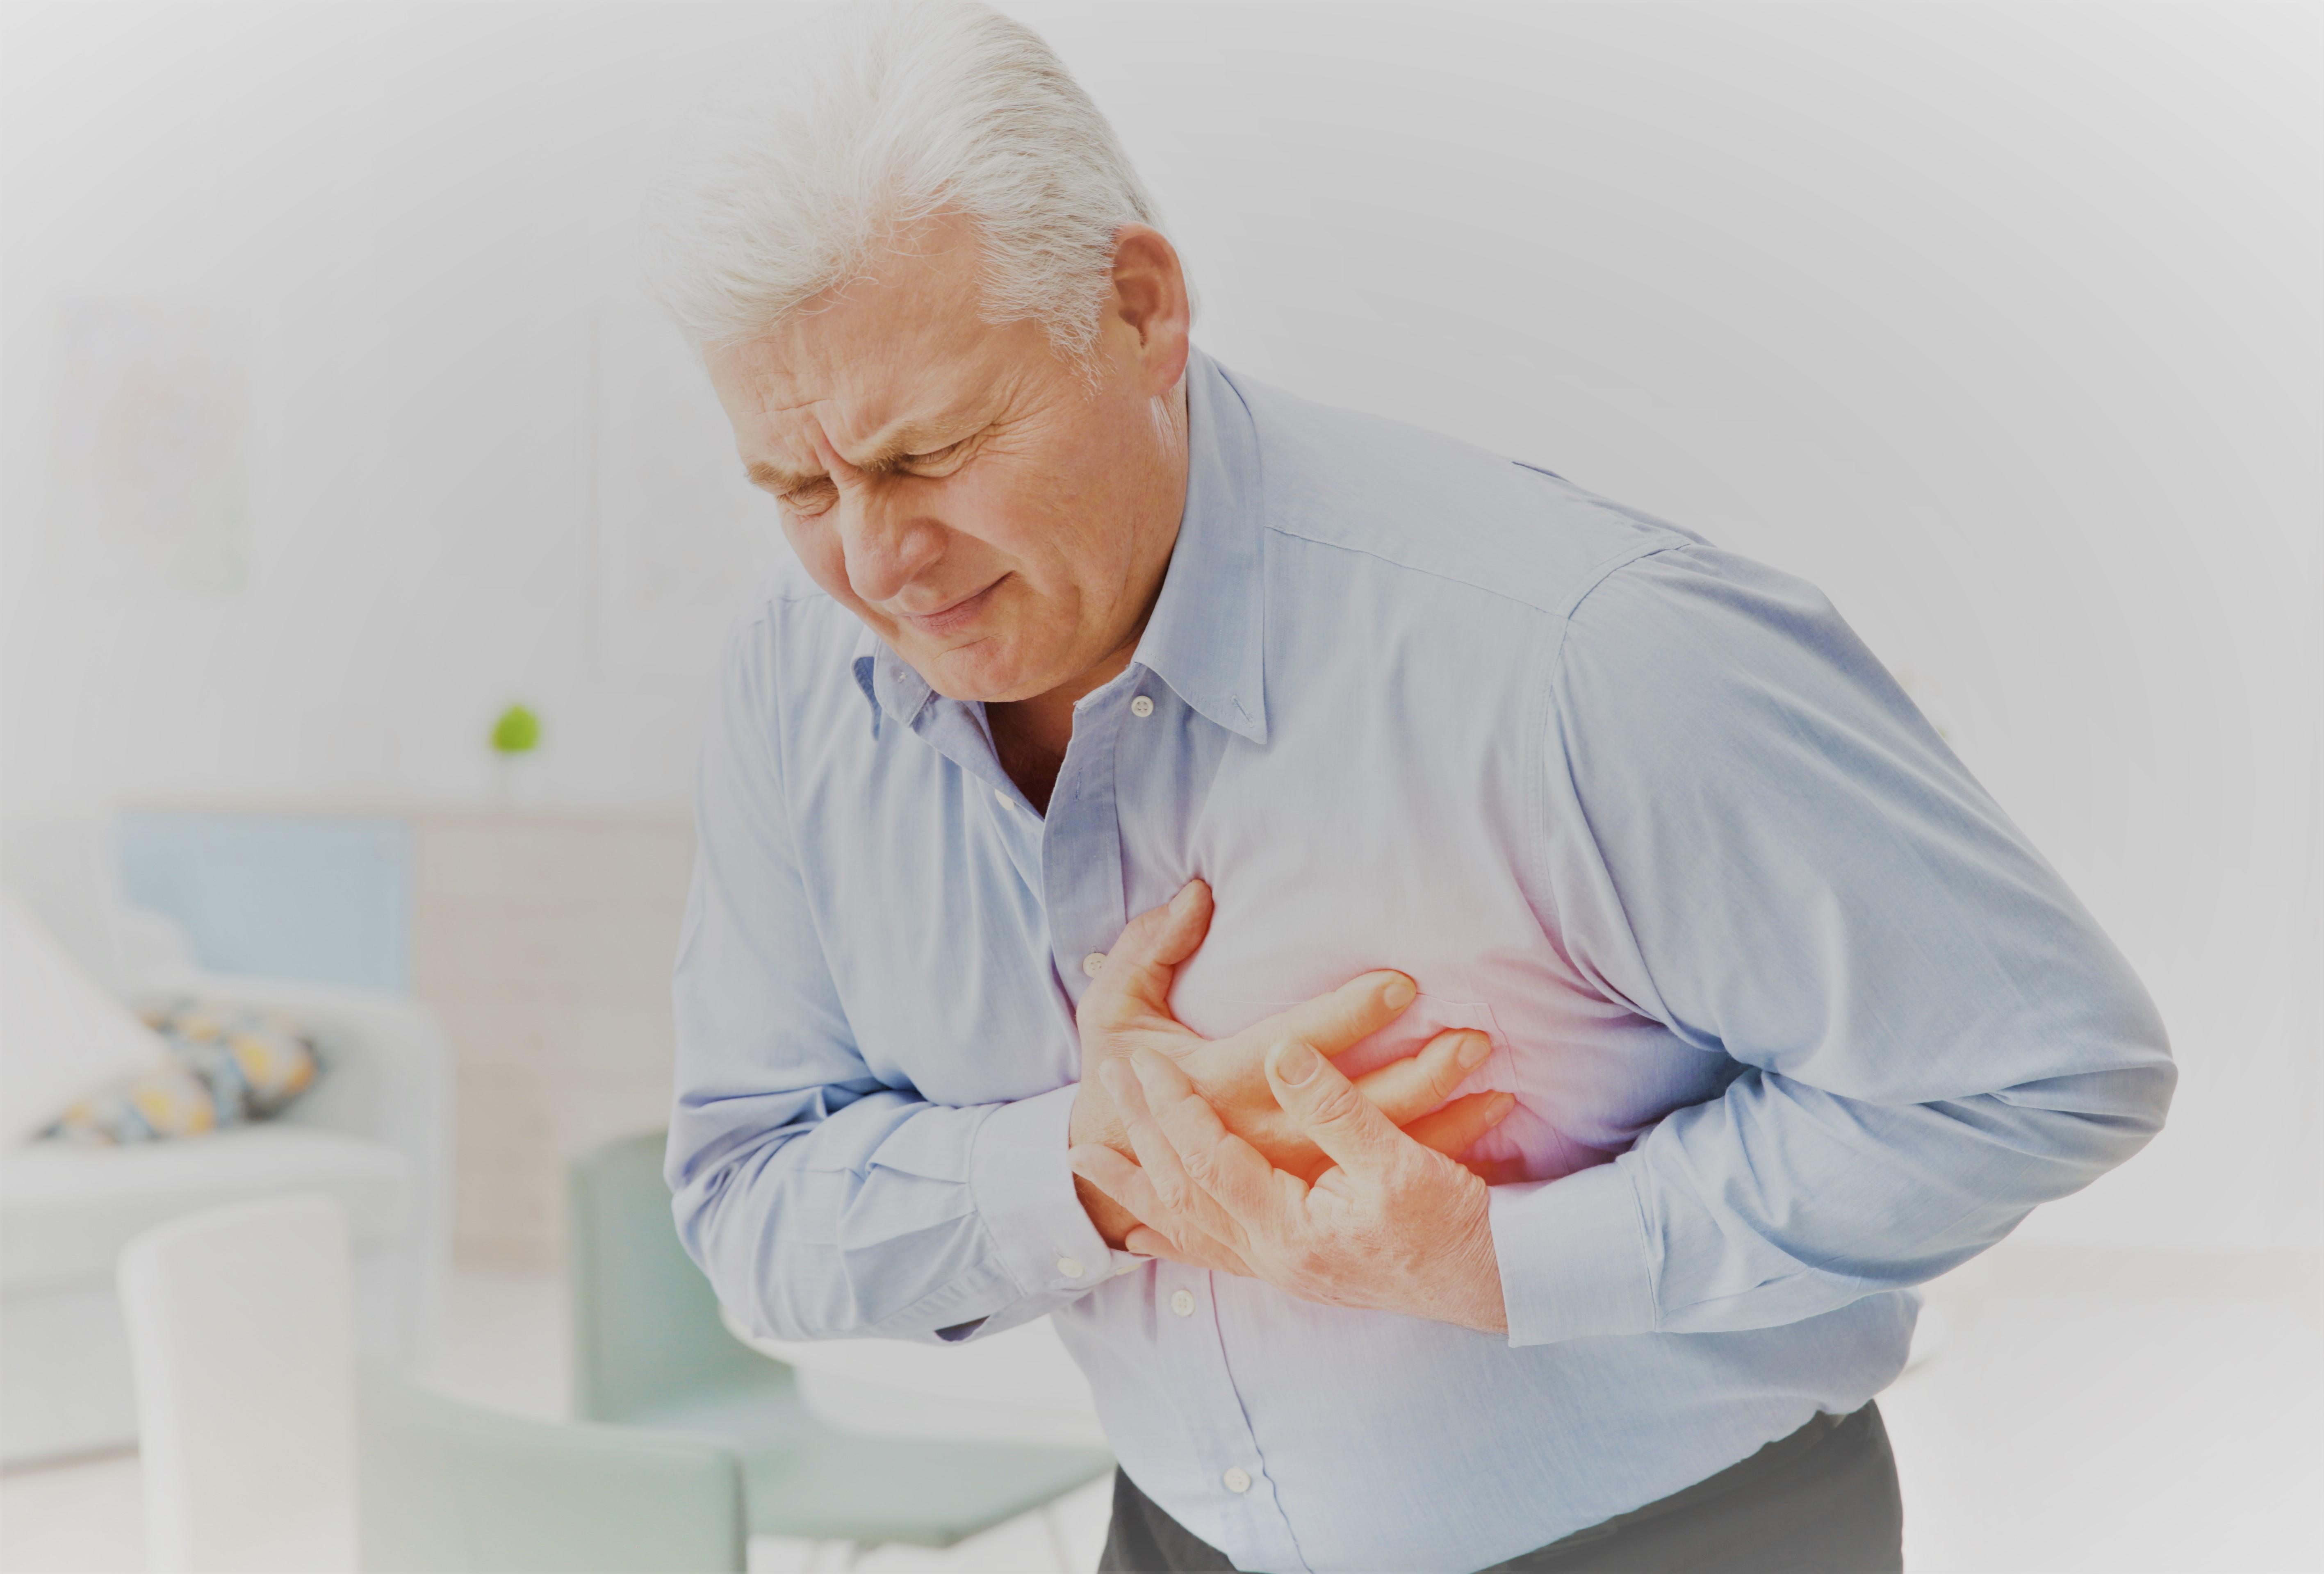 krém az izmok és ízületek fájdalmához a kézízületek gyógyszeres kezelése